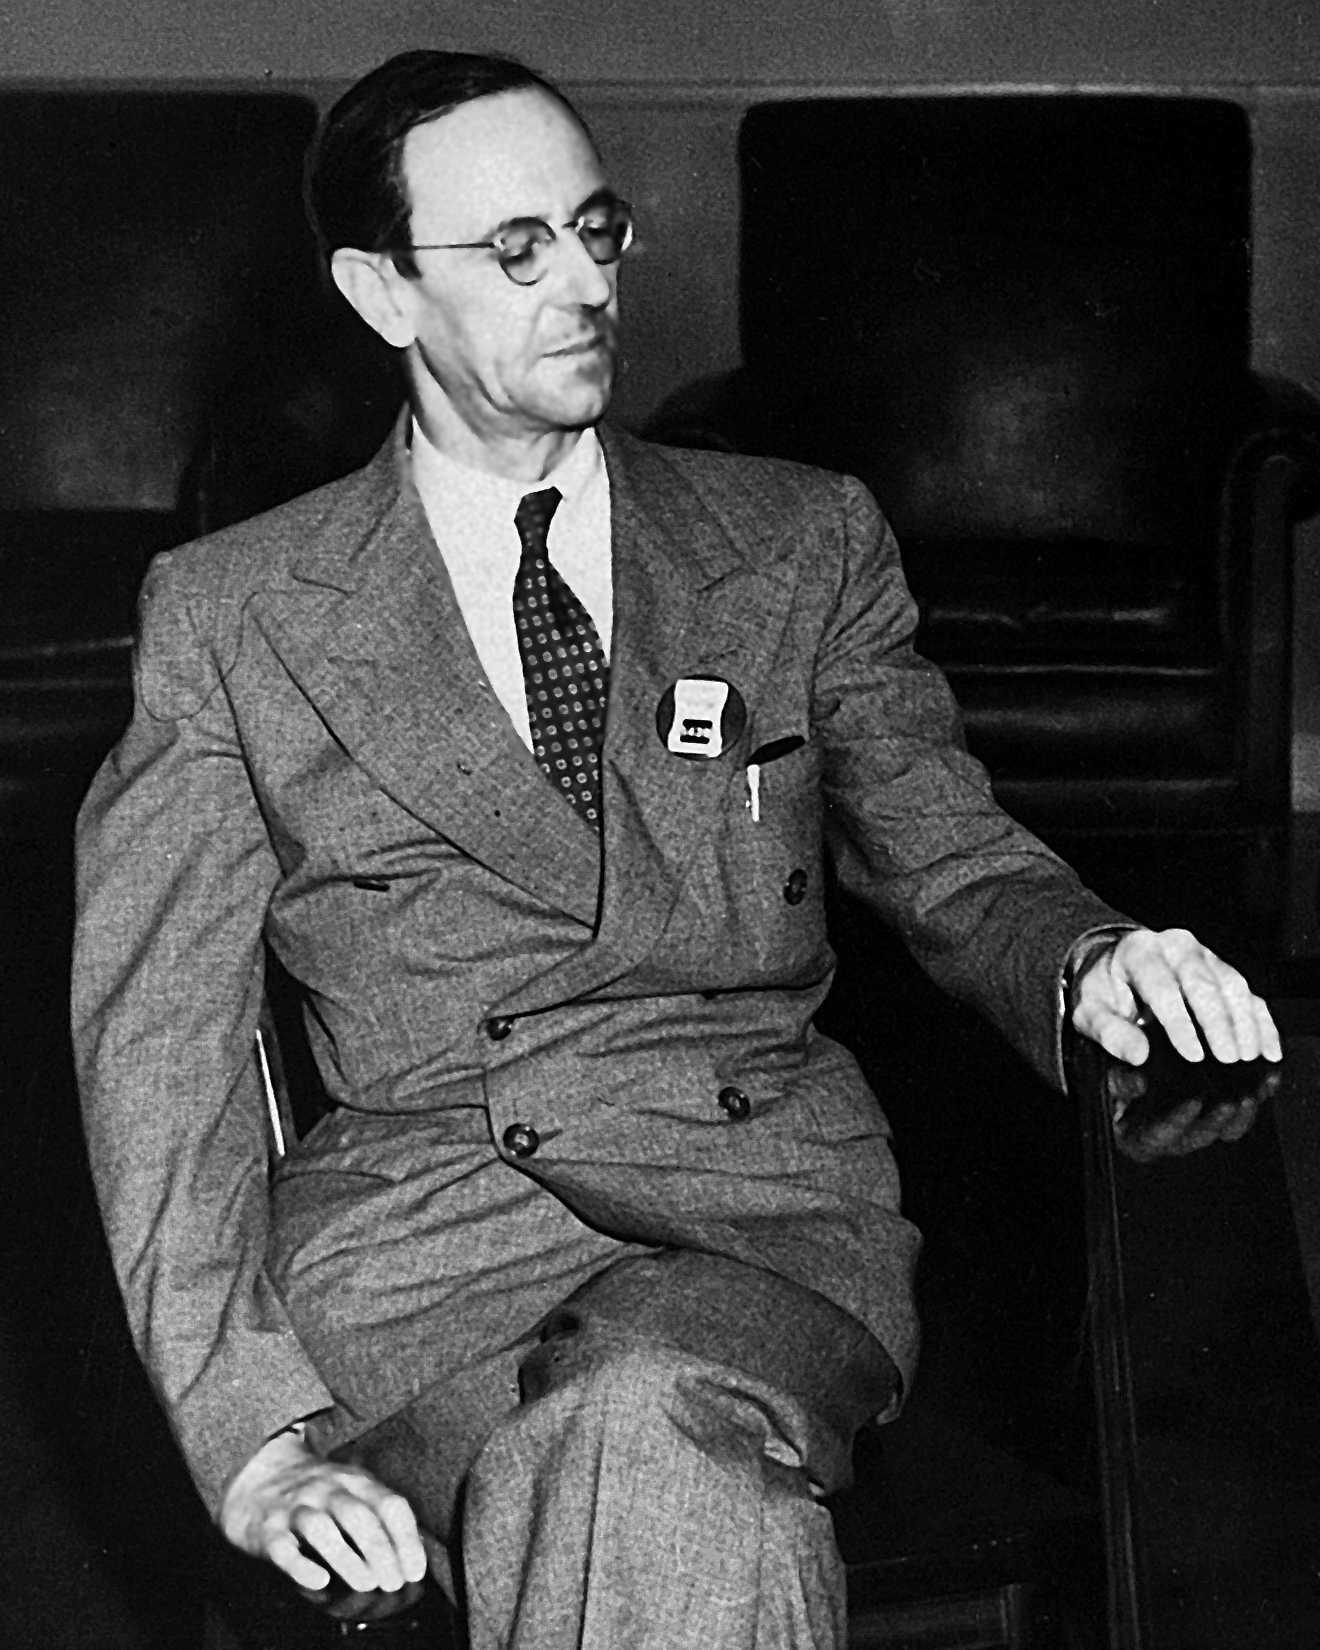 James Chadwick im Los Alamos National Laboratory während des Manhattan-Projekts, das zum Bau der ersten Atombombe führte.